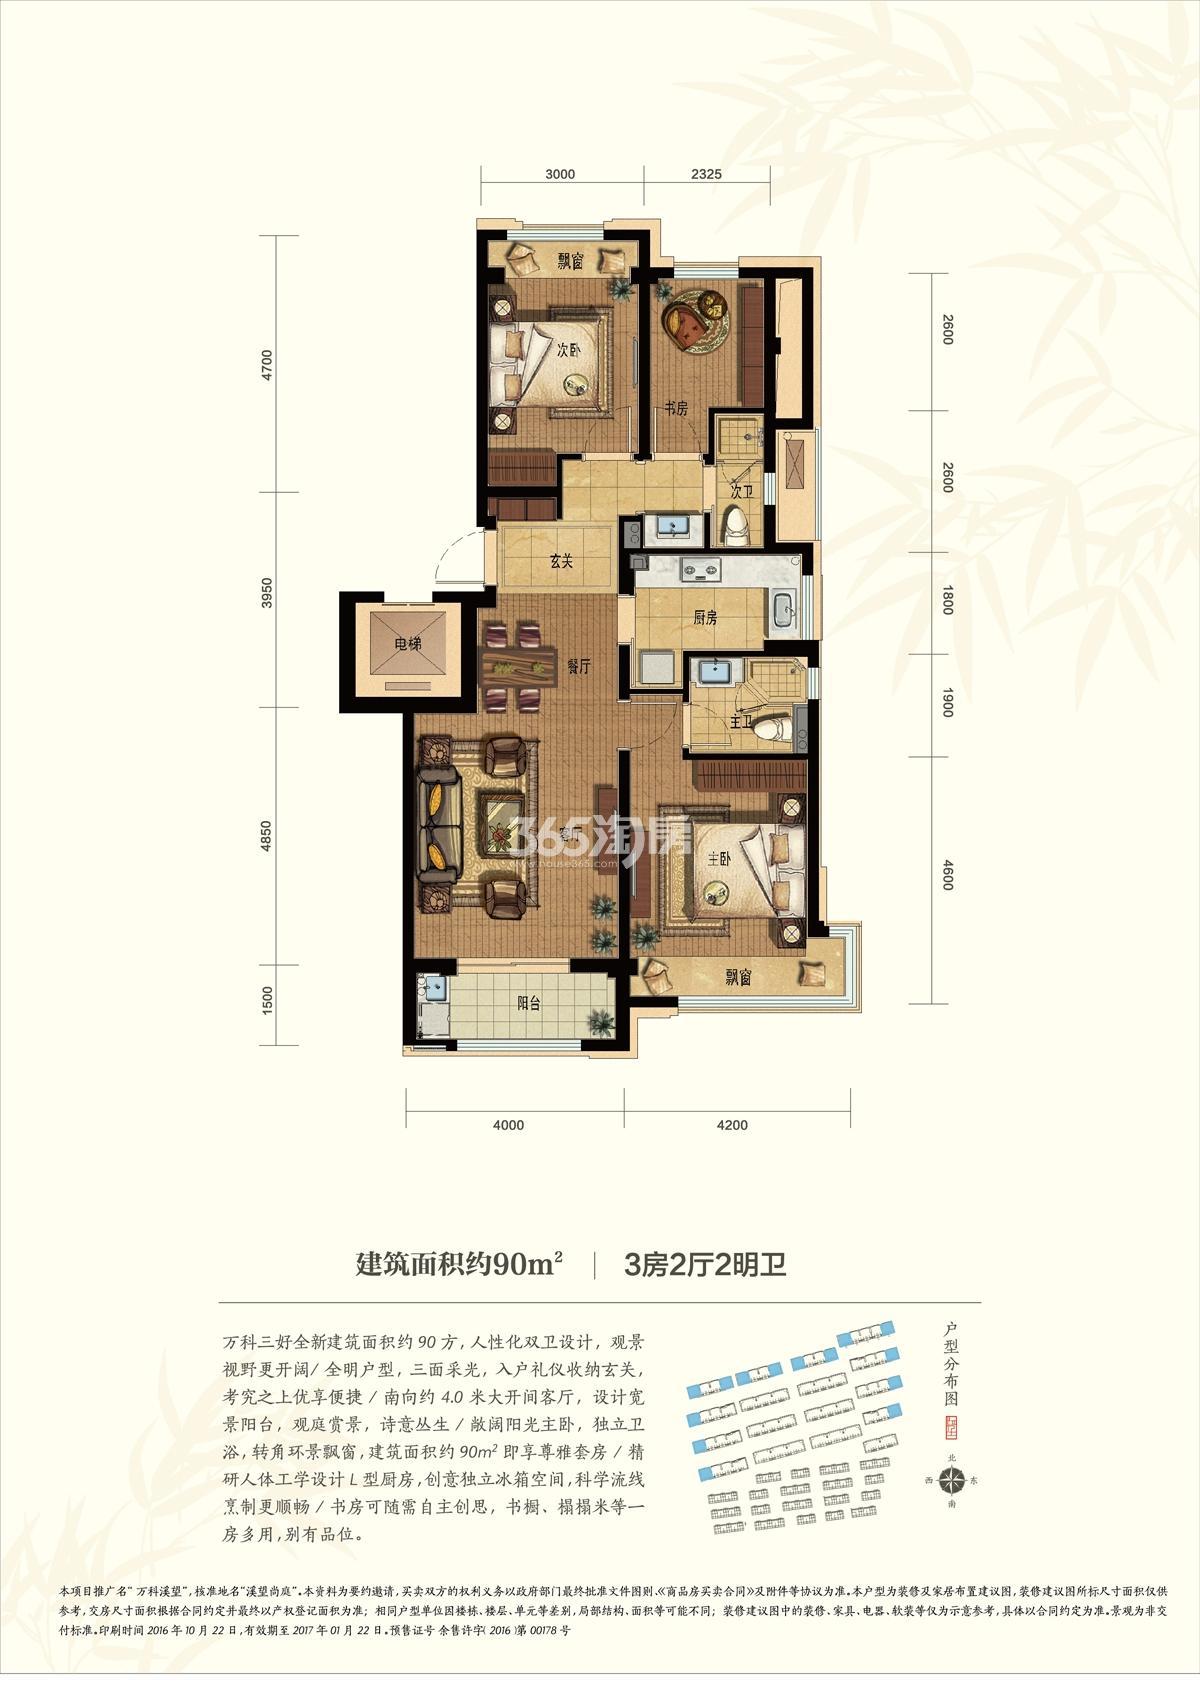 万科溪望洋房23、28-36号楼90方户型图